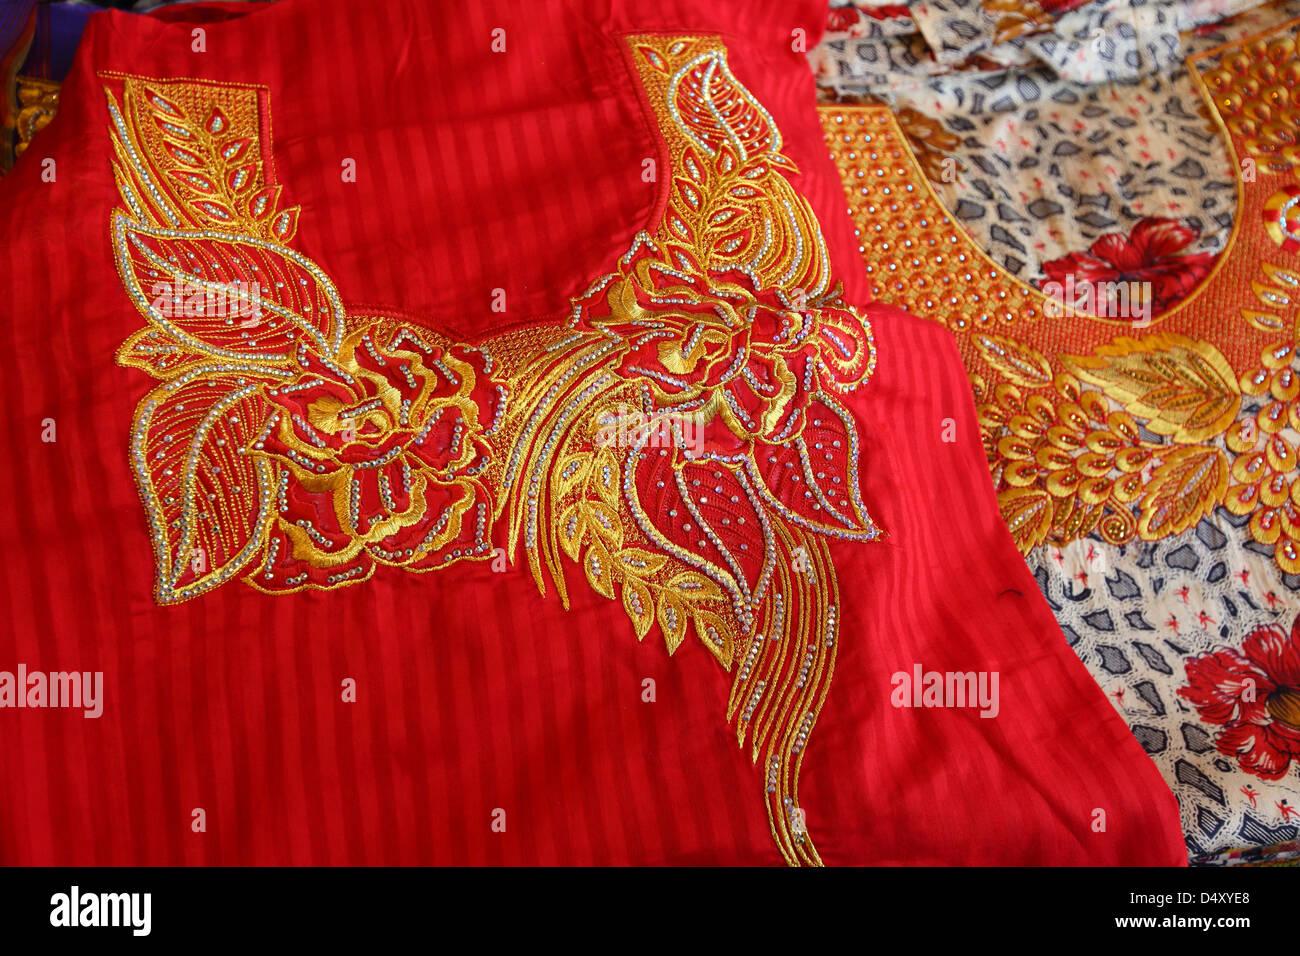 Vista dettagliata del ricamo tessili, Dubai, Emirati Arabi Uniti Immagini Stock